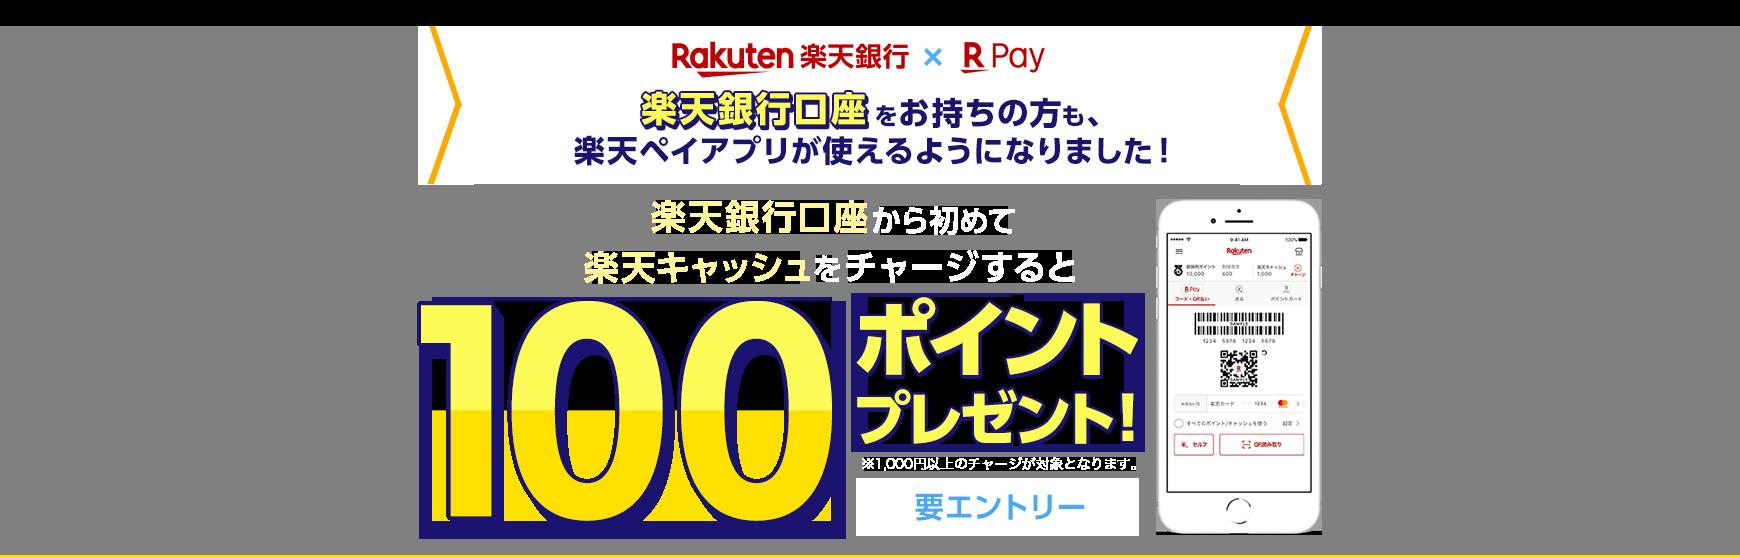 楽天キャッシュに楽天銀行から初めてチャージすると100Pがもれなく貰える。~9/30 10時。